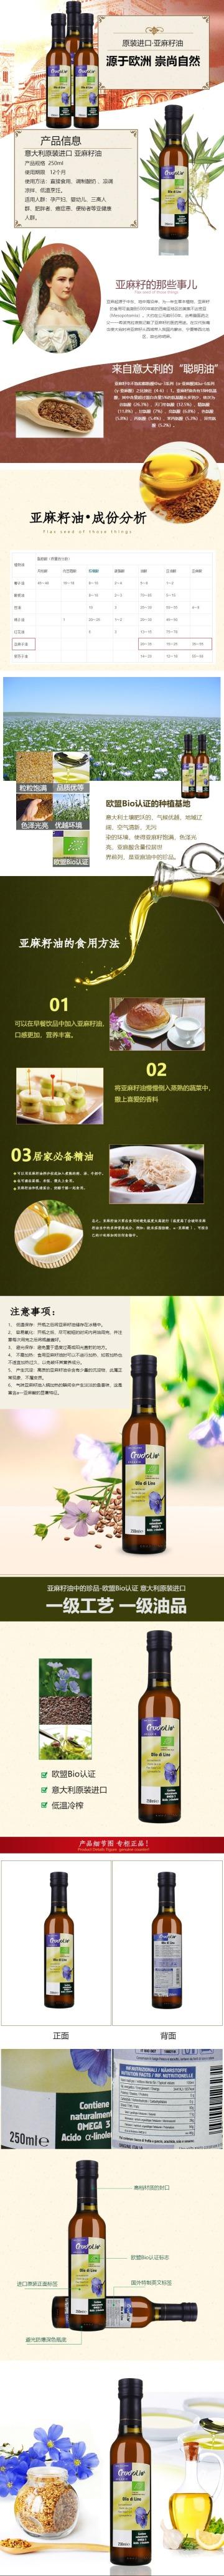 清新简约百货零售粮油副食亚麻籽油促销电商详情页